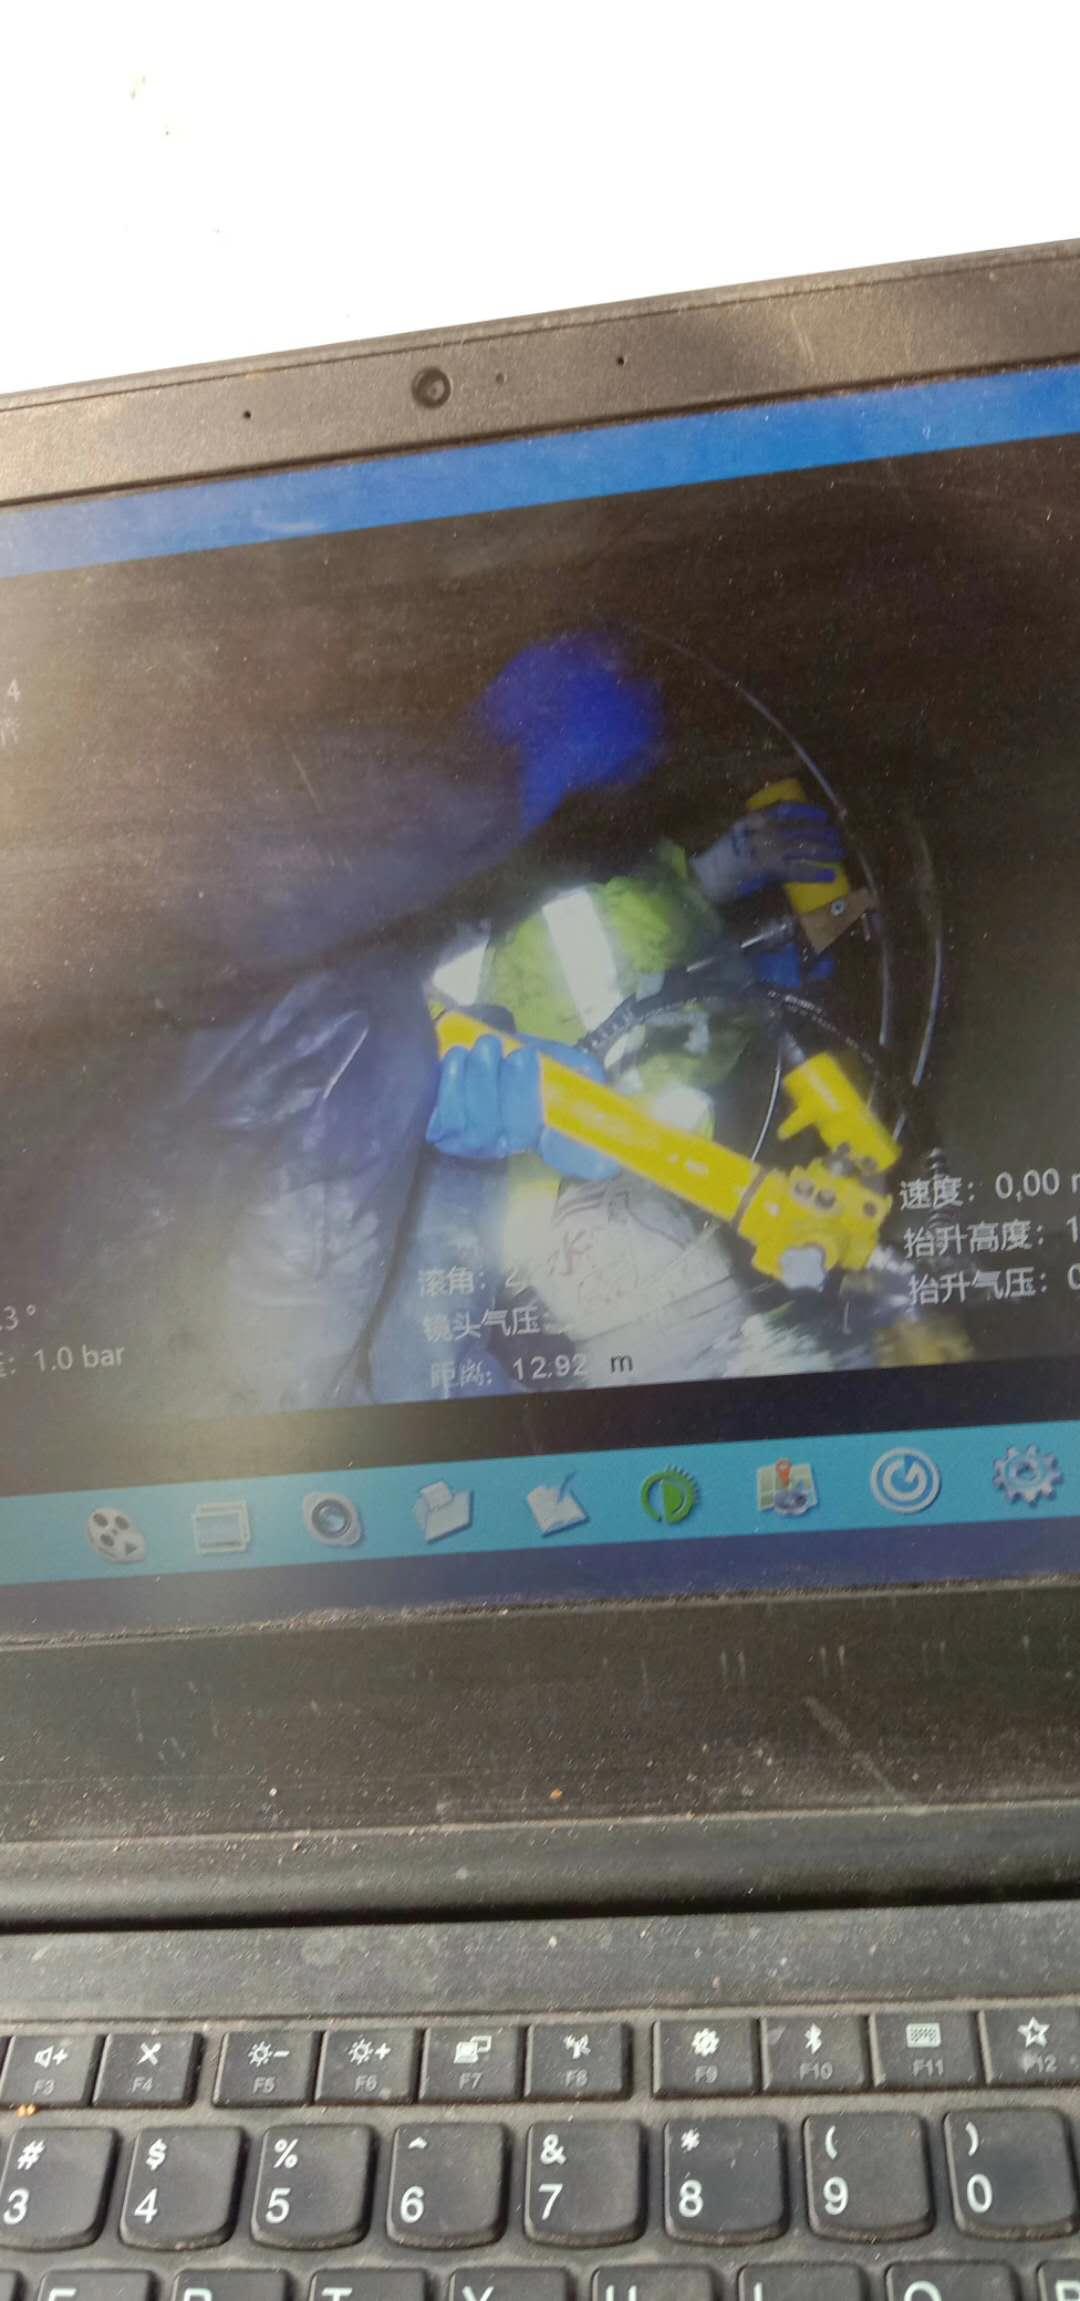 上海管网CCTV检测